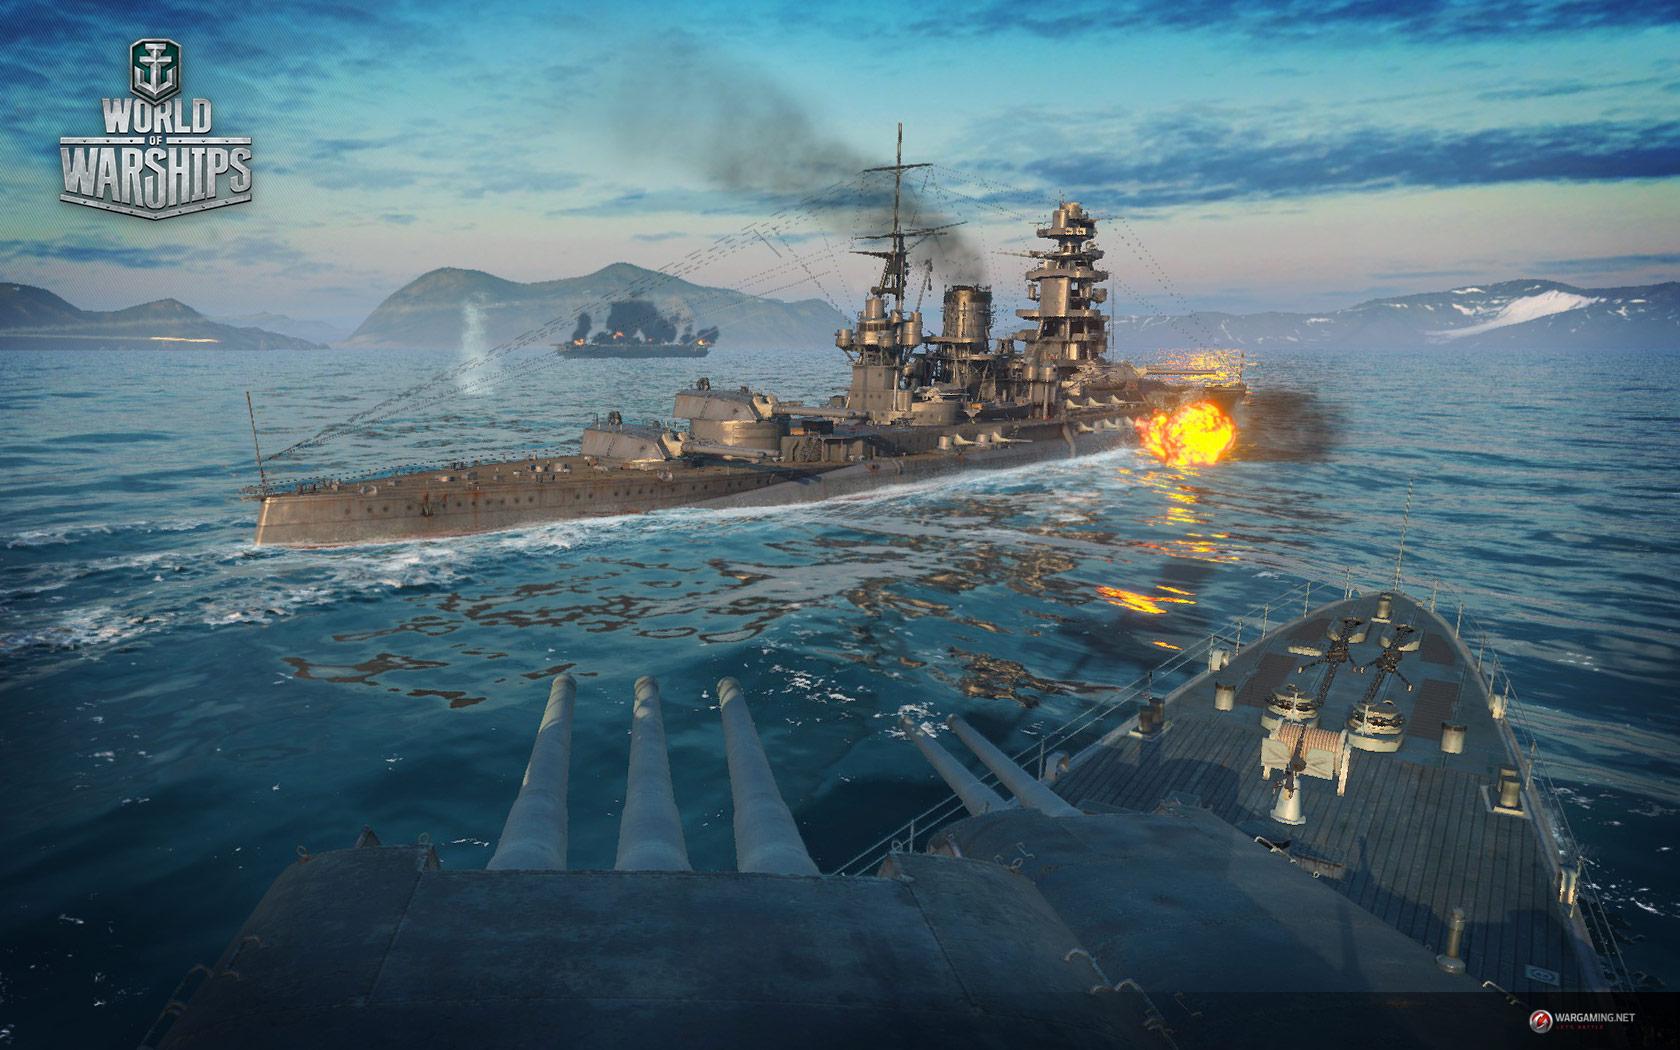 Обои мир кораблей, wows, wargaming net, выстрел, wg, пламя. Игры foto 19